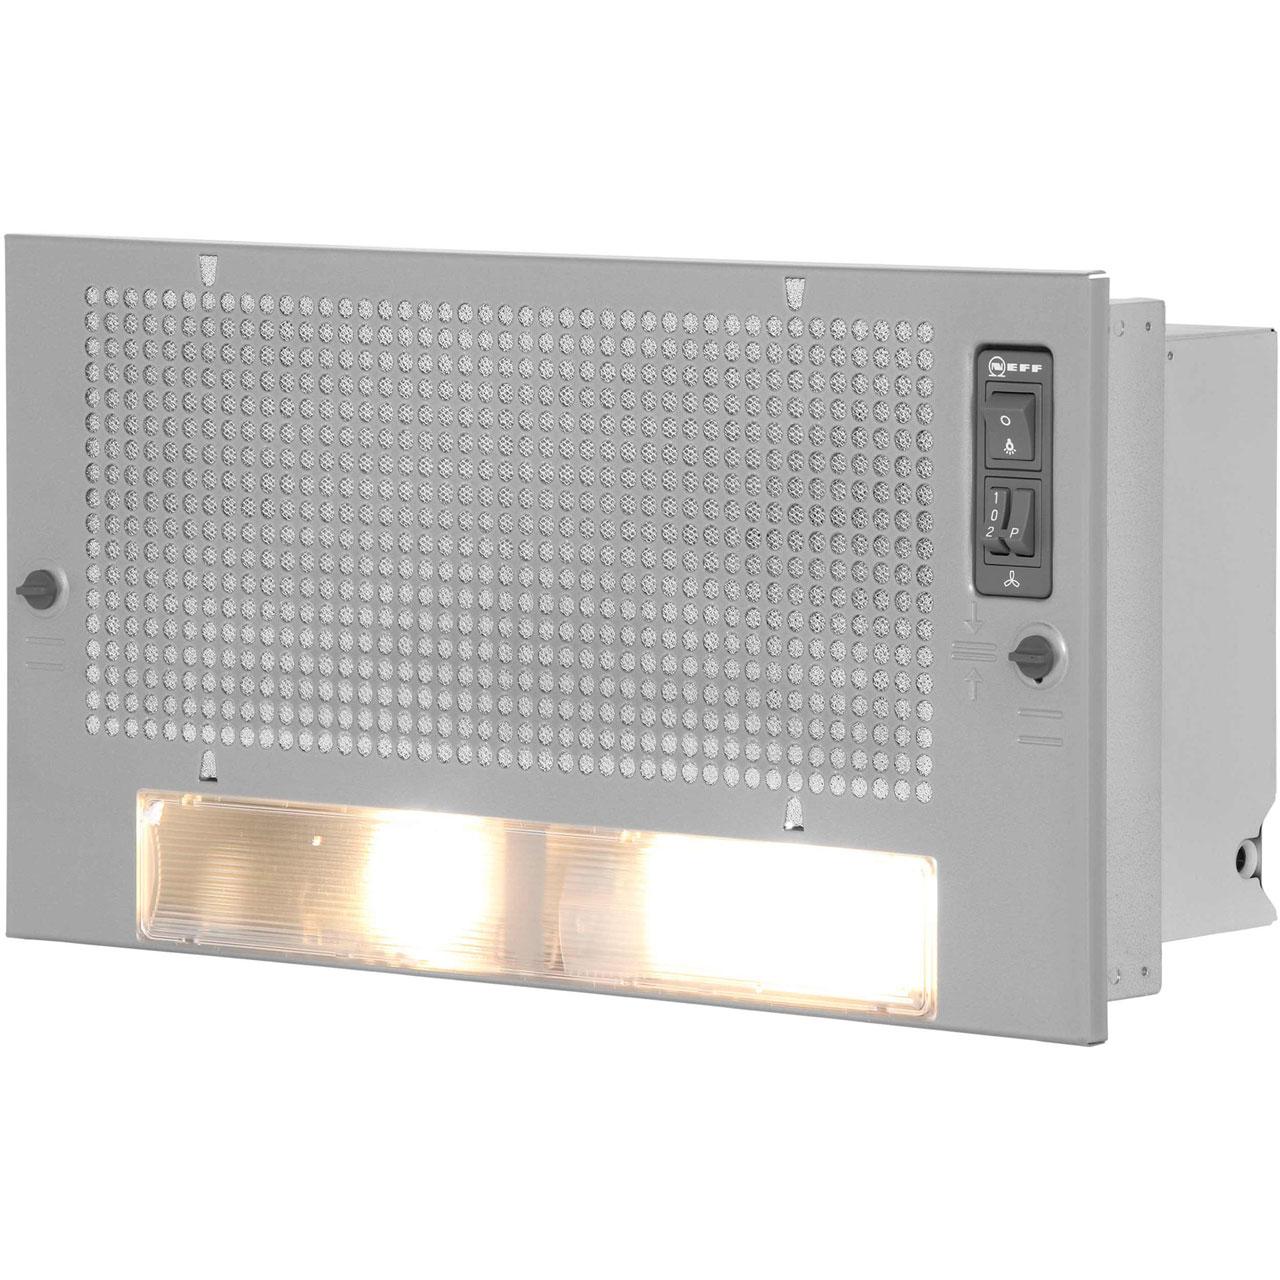 Add to compareShare  sc 1 st  AO.com & D5625X0GB_SI | Neff Canopy Cooker Hood | 55cm | ao.com